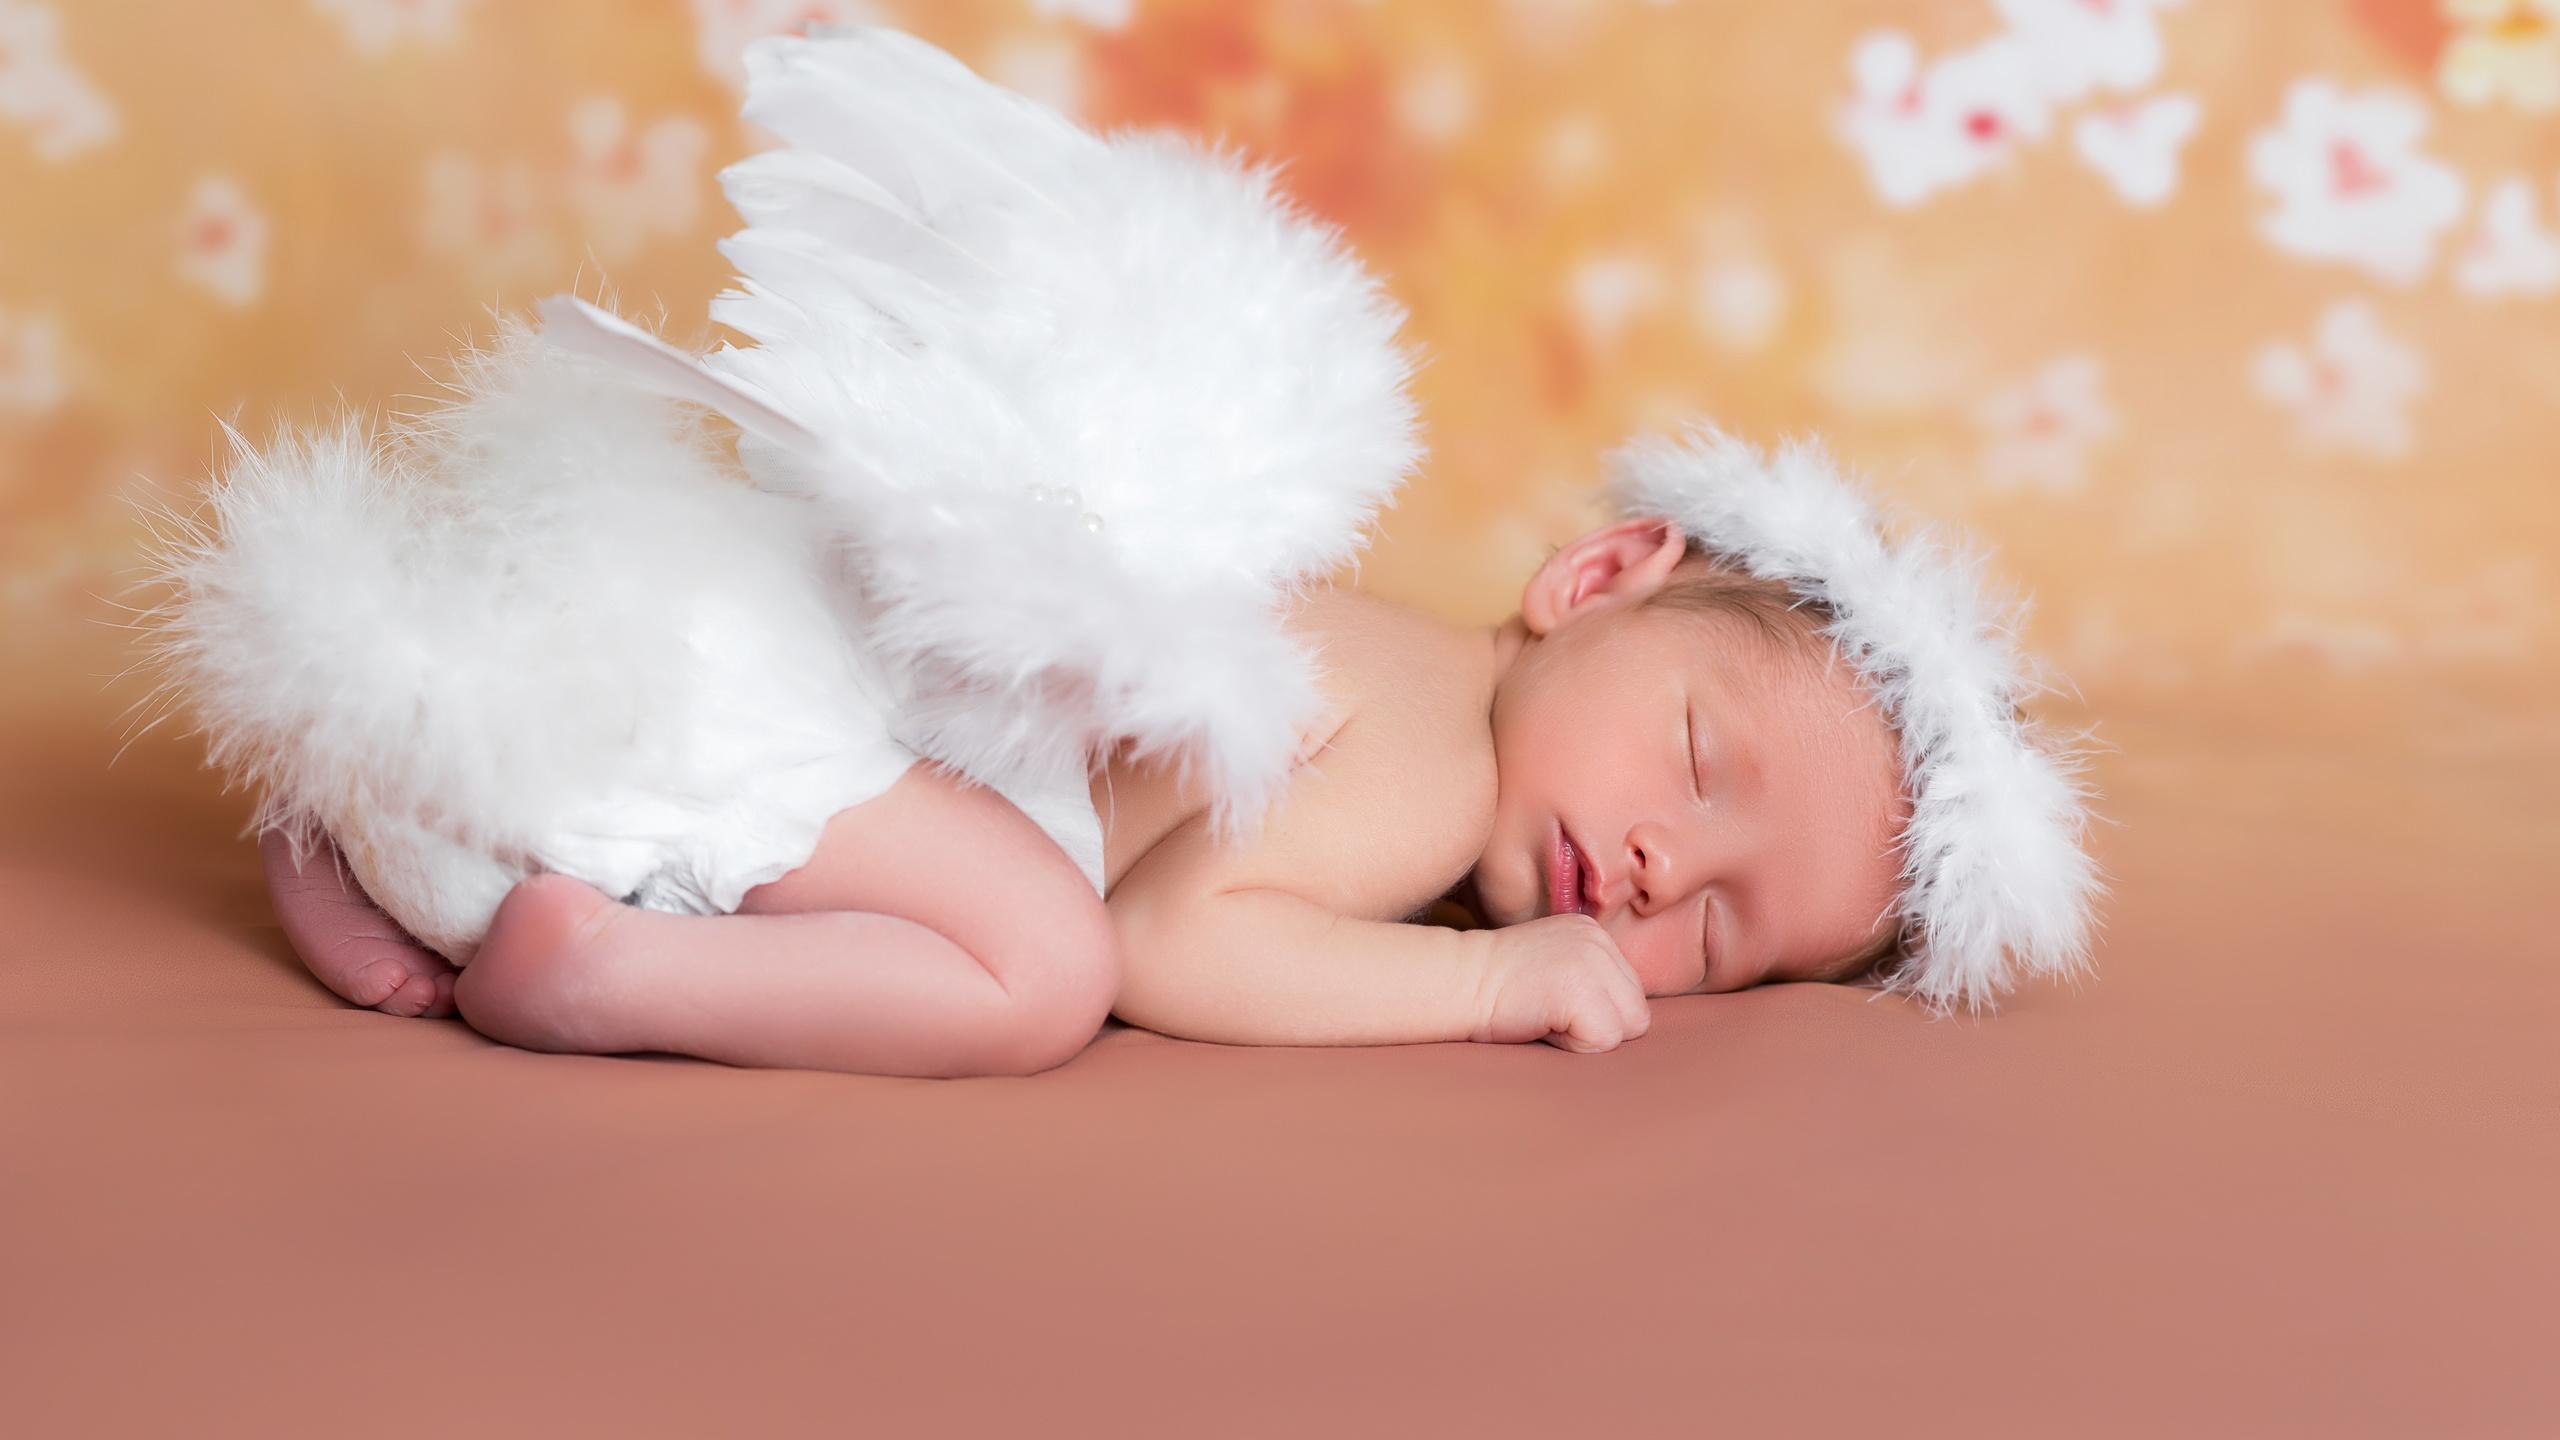 Ангел картинки малышей